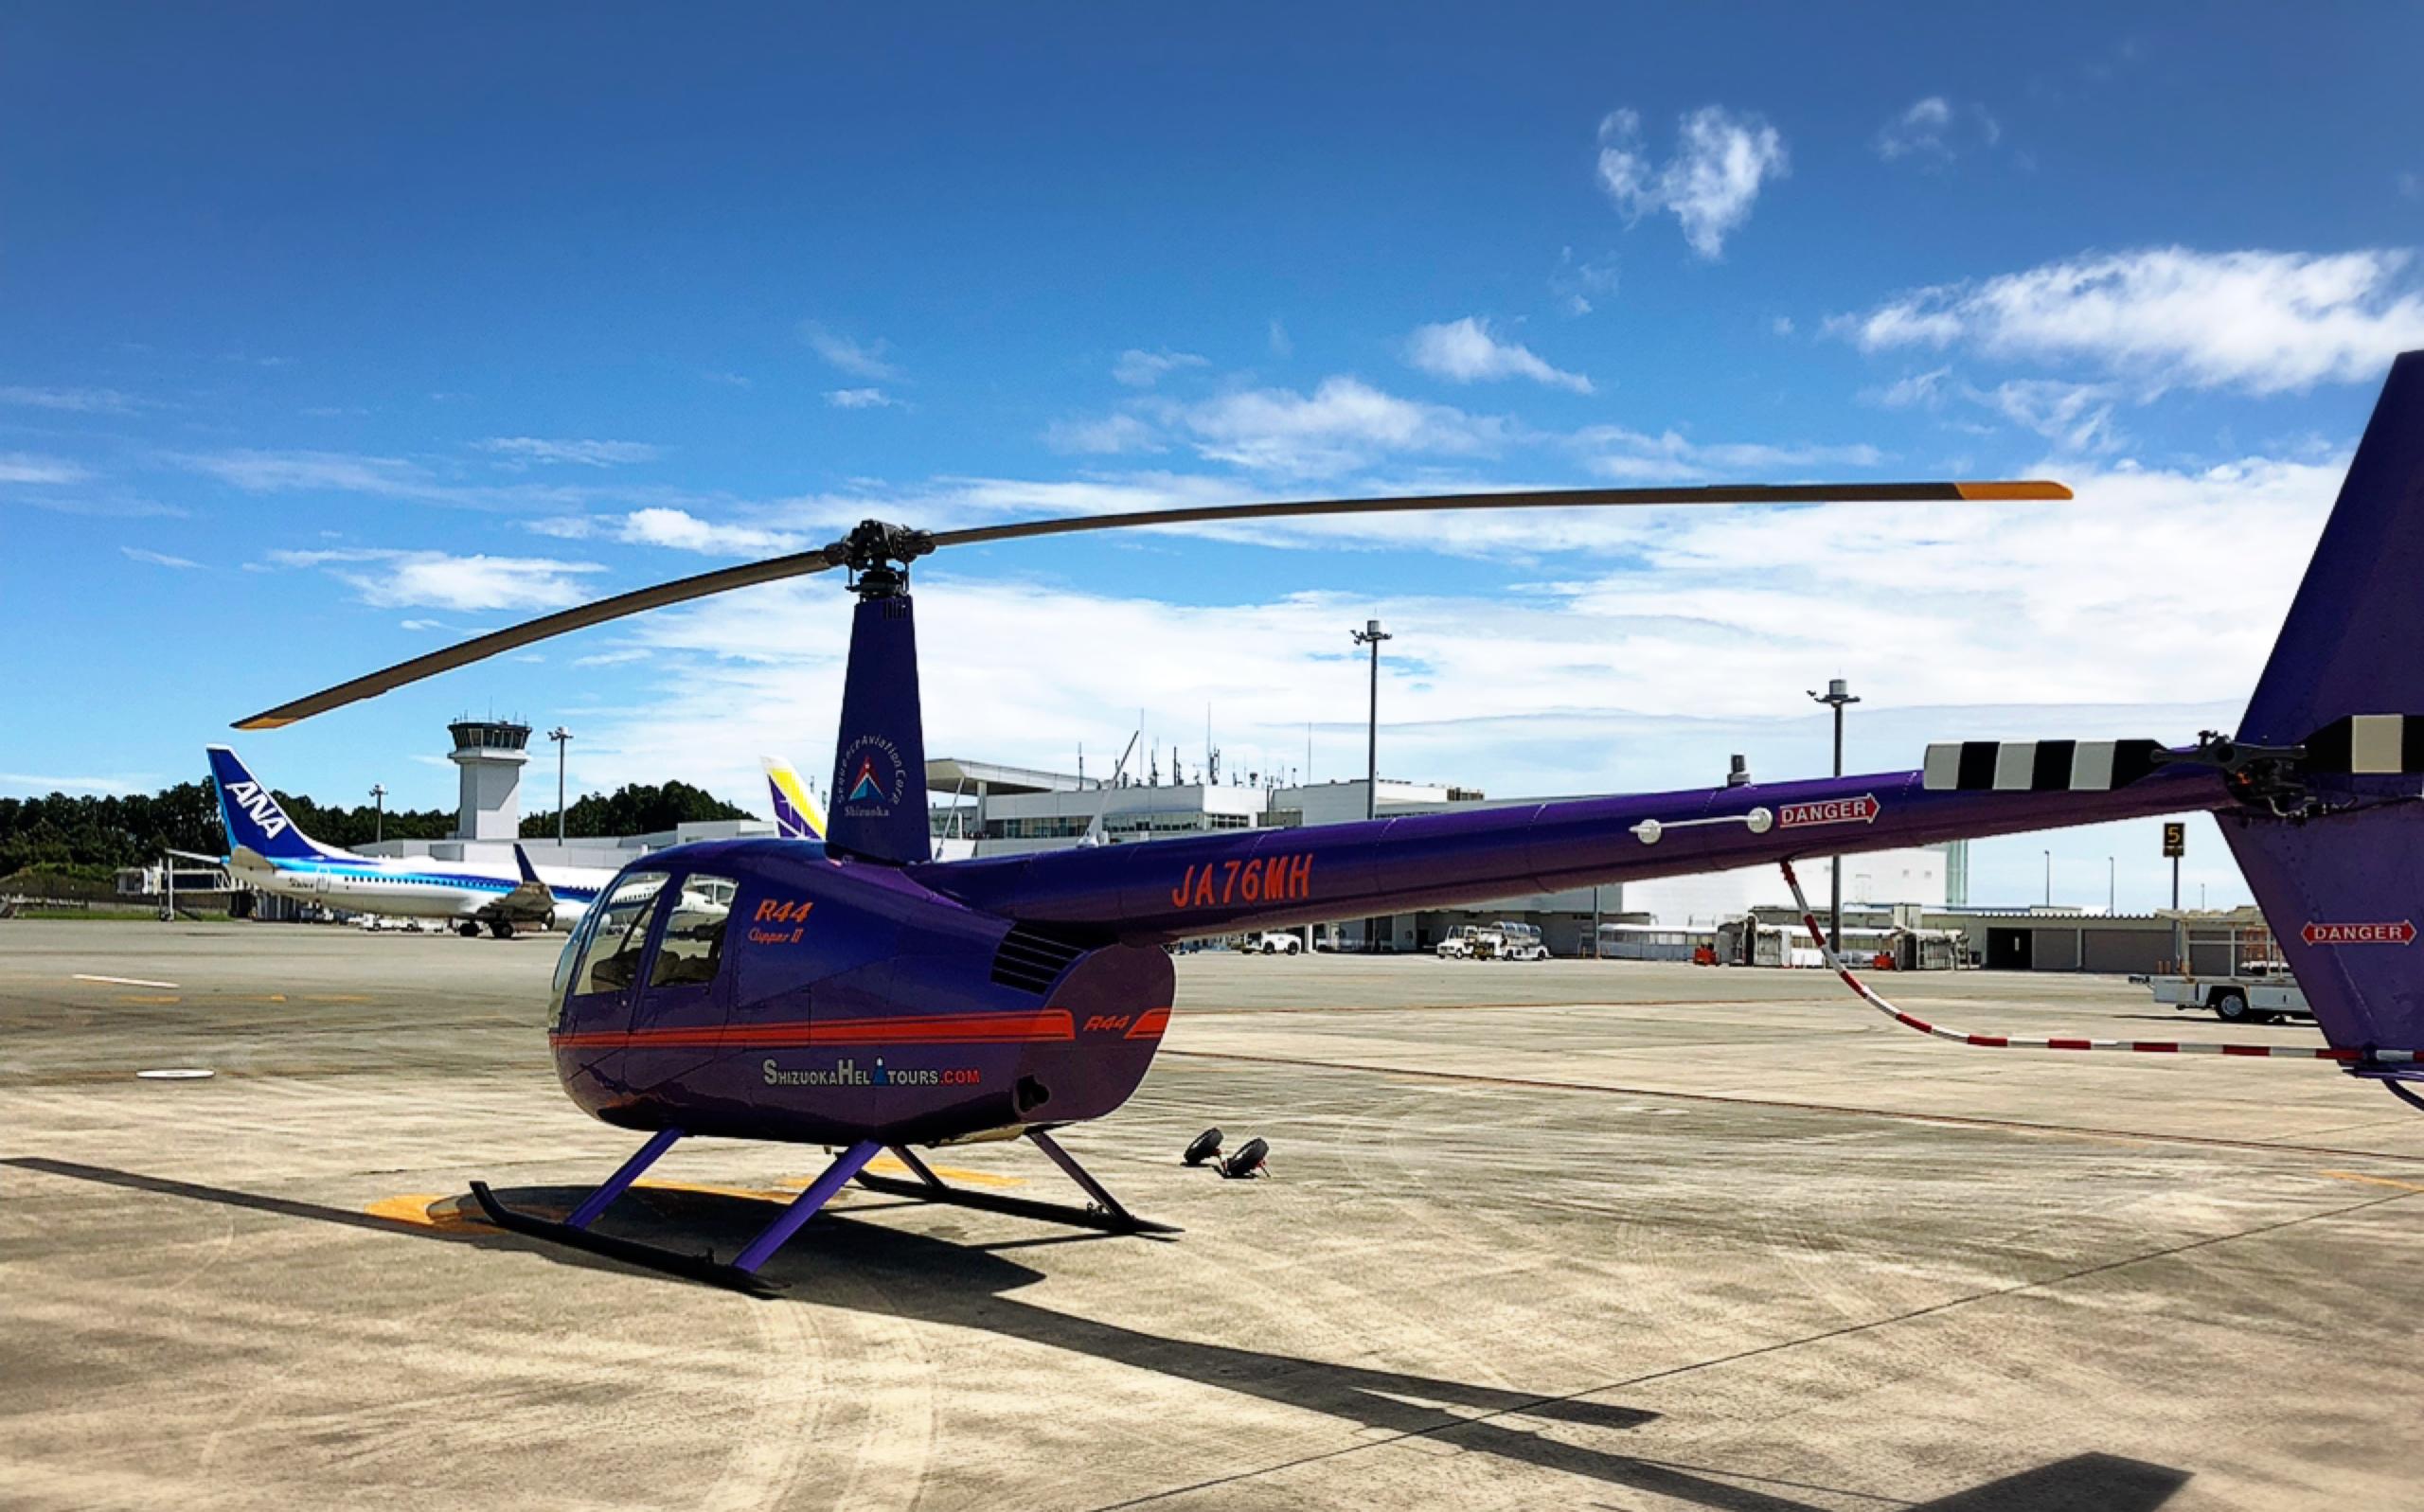 【静岡】NEW! 8月よりスタート◡̈✧。ヘリコプターでの遊覧飛行!上空散歩でTHEインスタ映え!_2